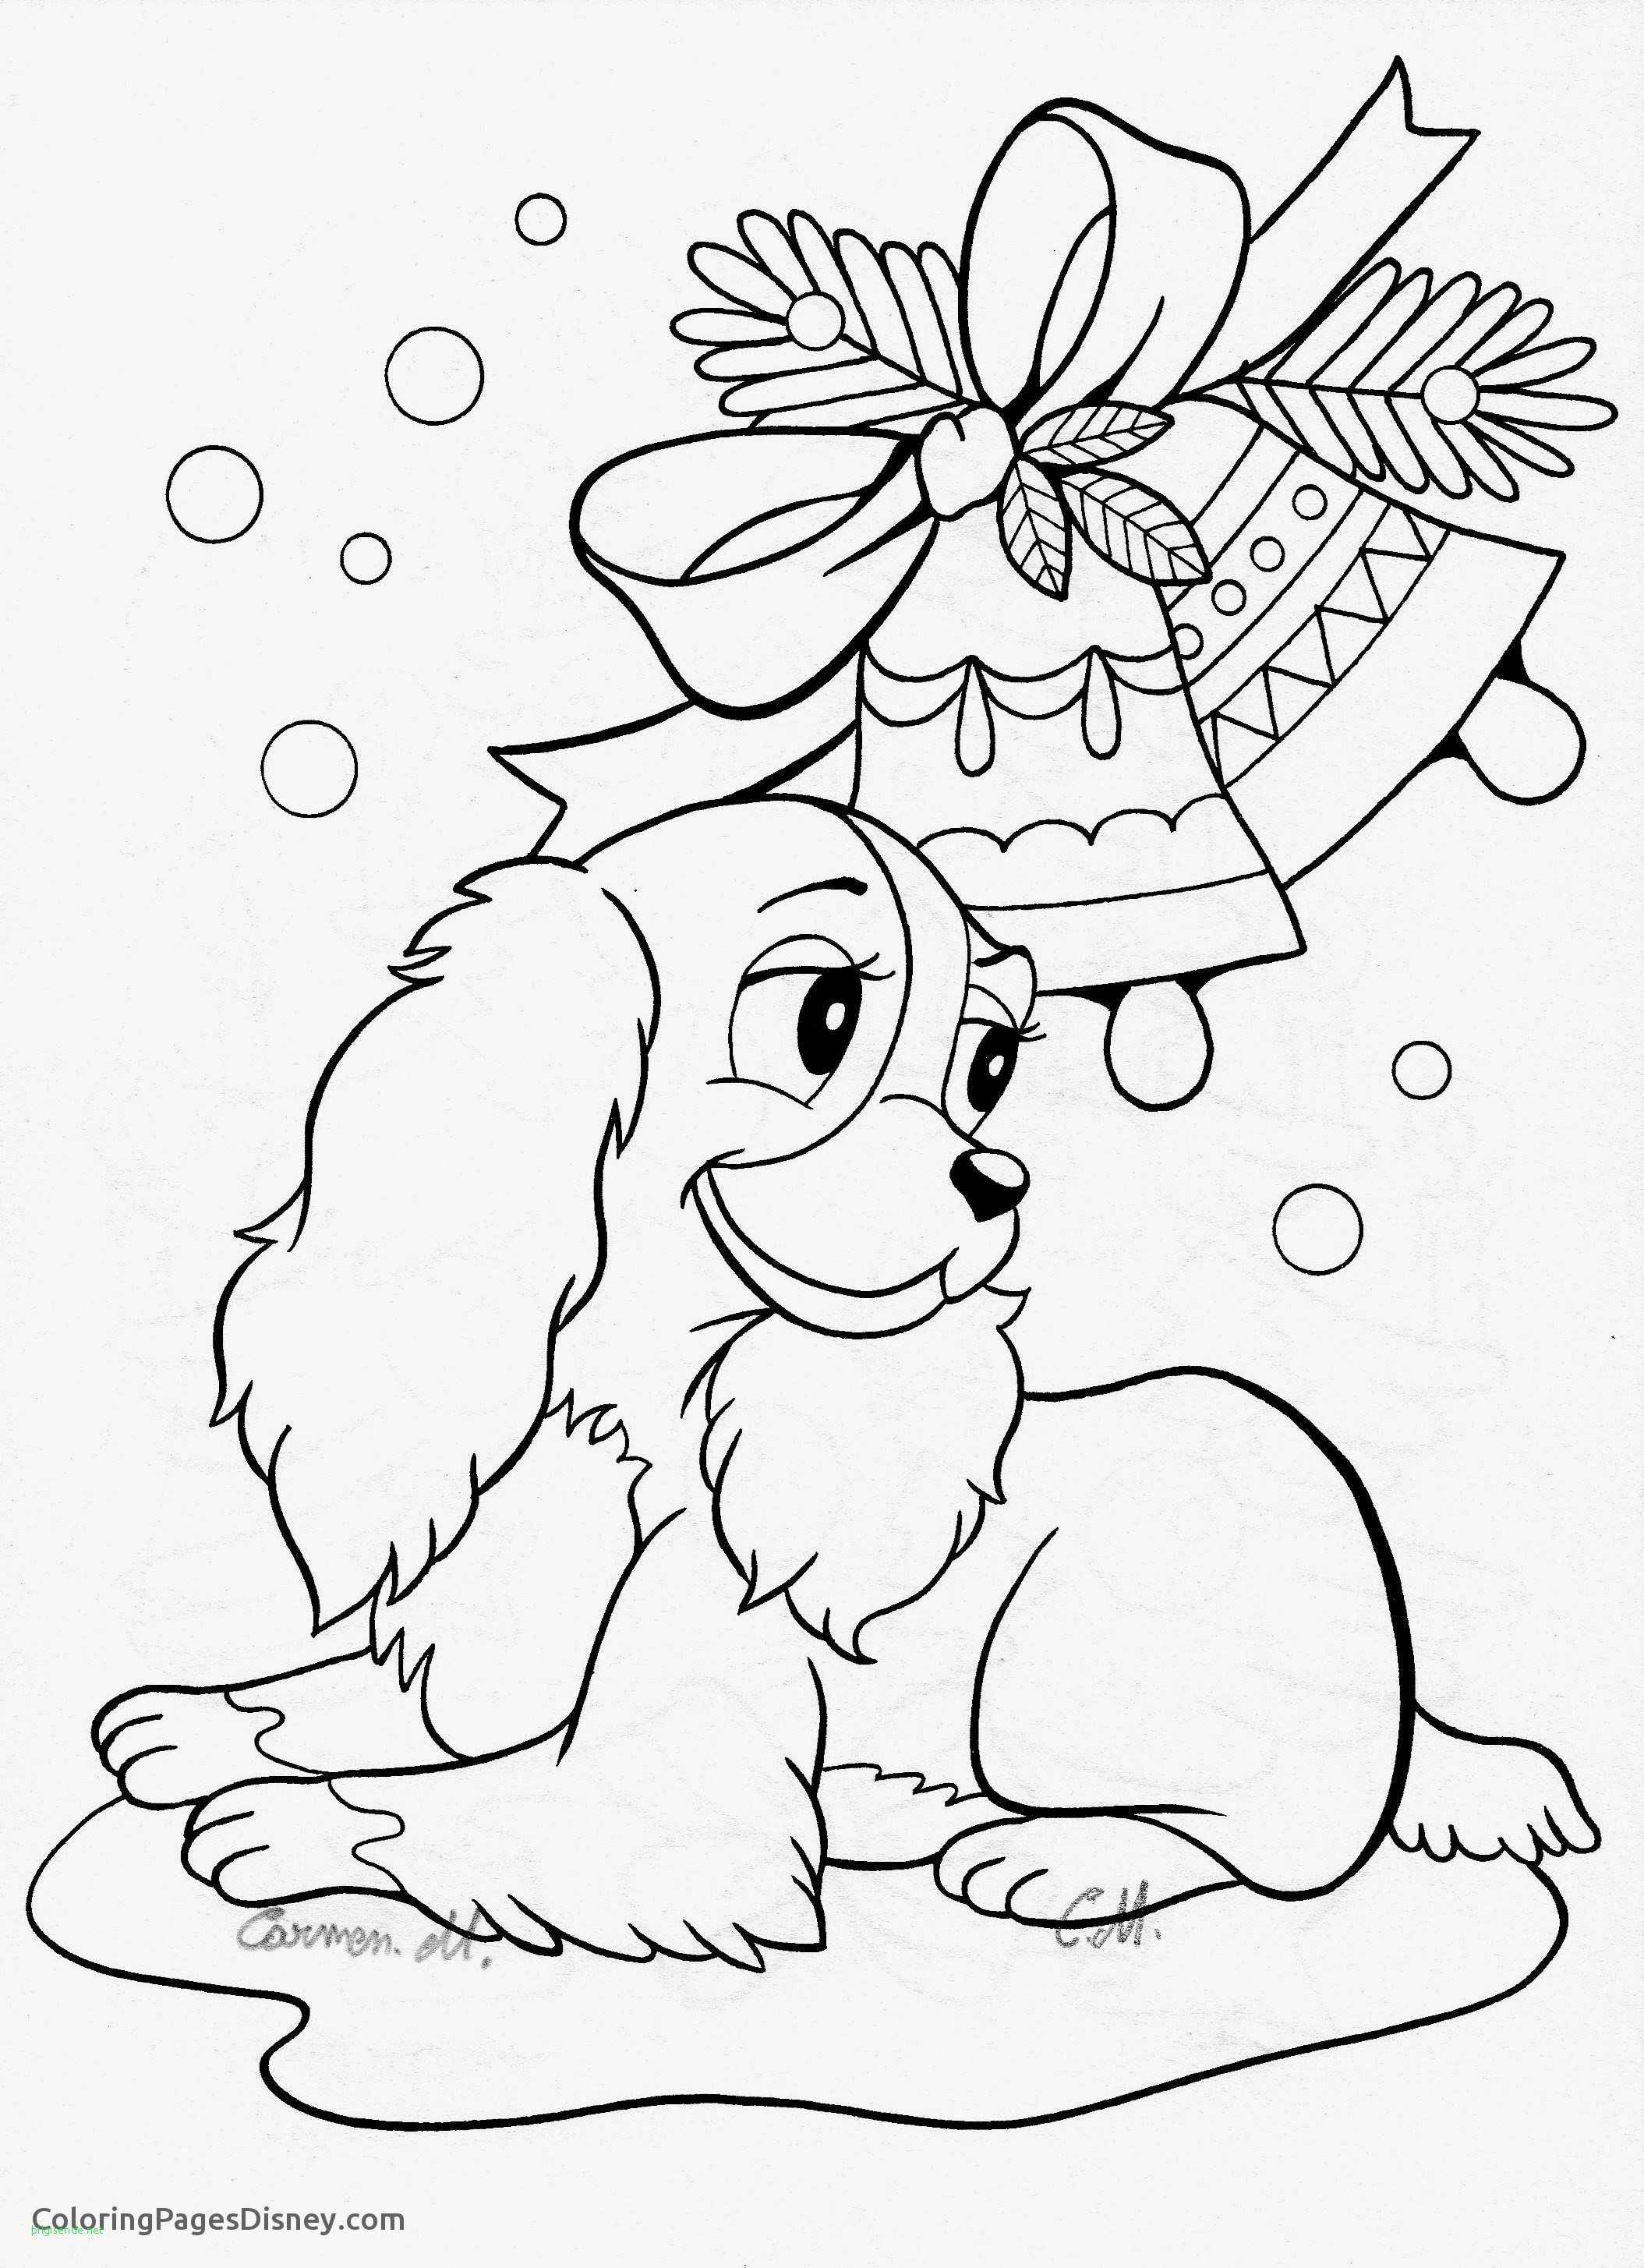 Malvorlagen Winnie Pooh Genial Free Winnie the Pooh Coloring Pages to Print Elegant Ausmalbilder Sammlung